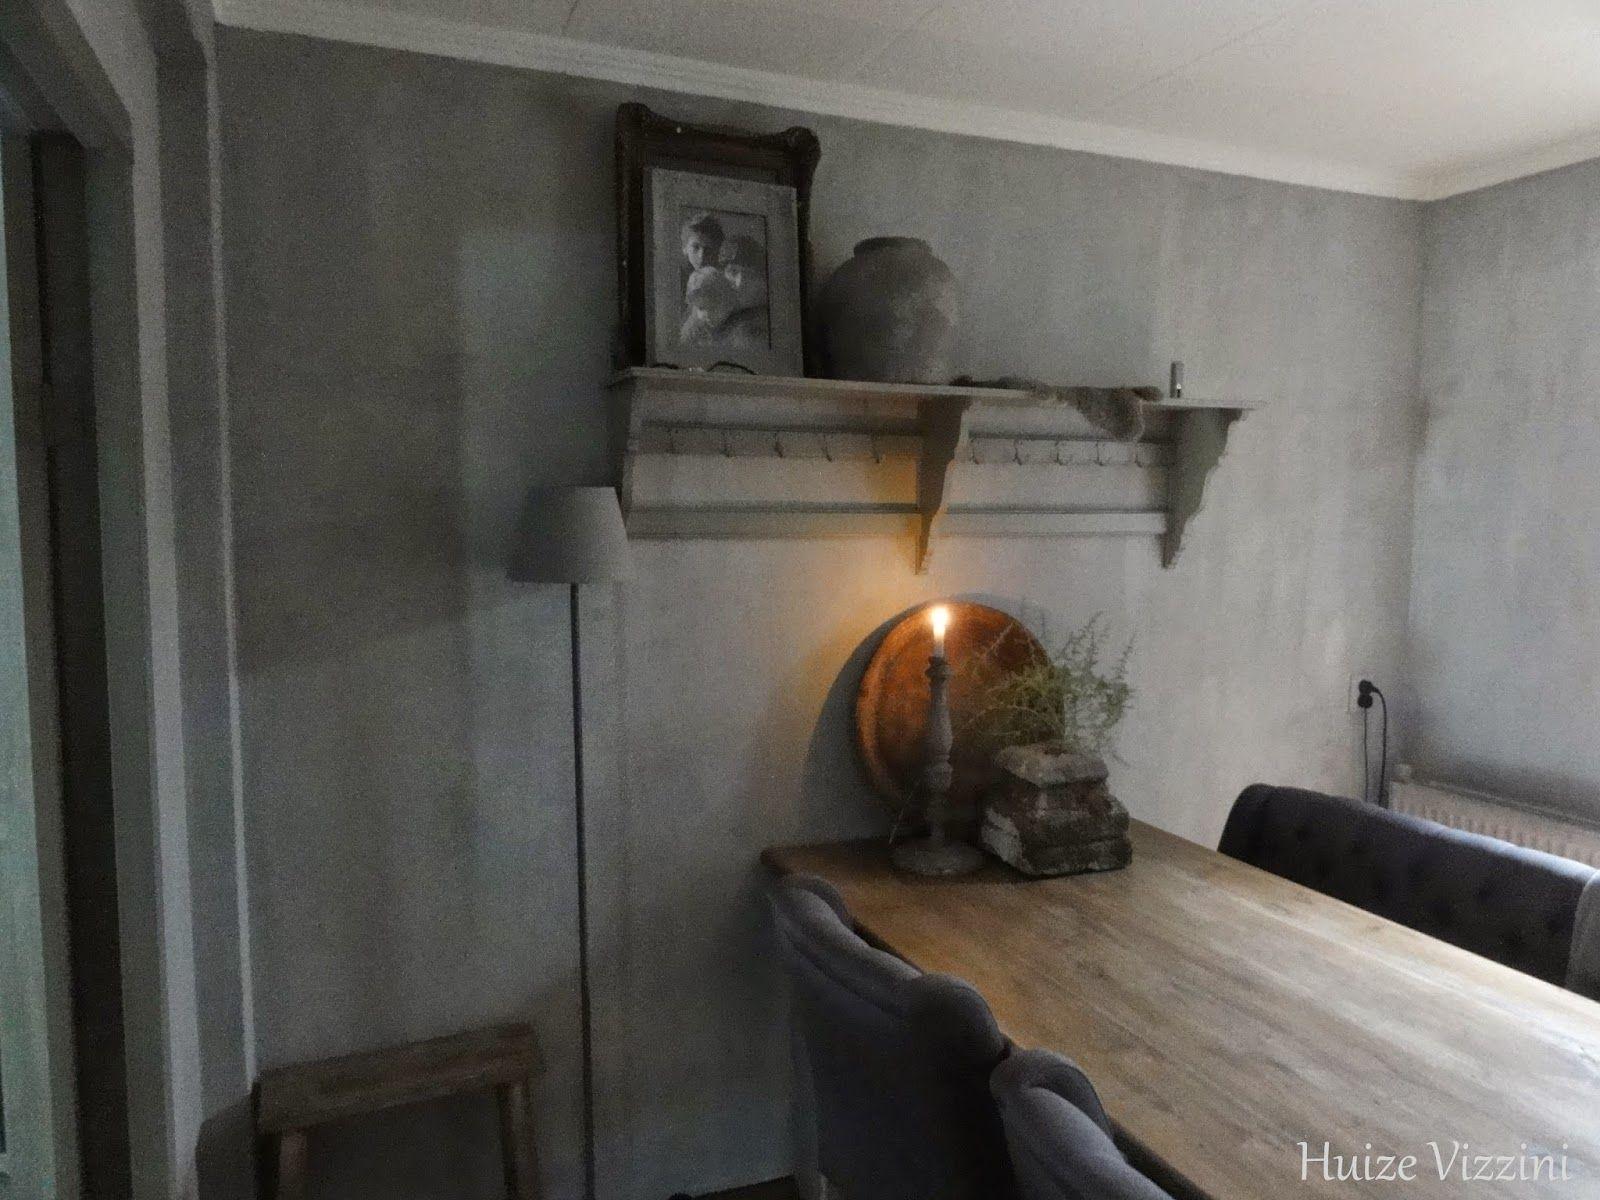 Betonlook Muur Woonkamer : Donkergrijze muur woonkamer slaapkamer klein groene muur